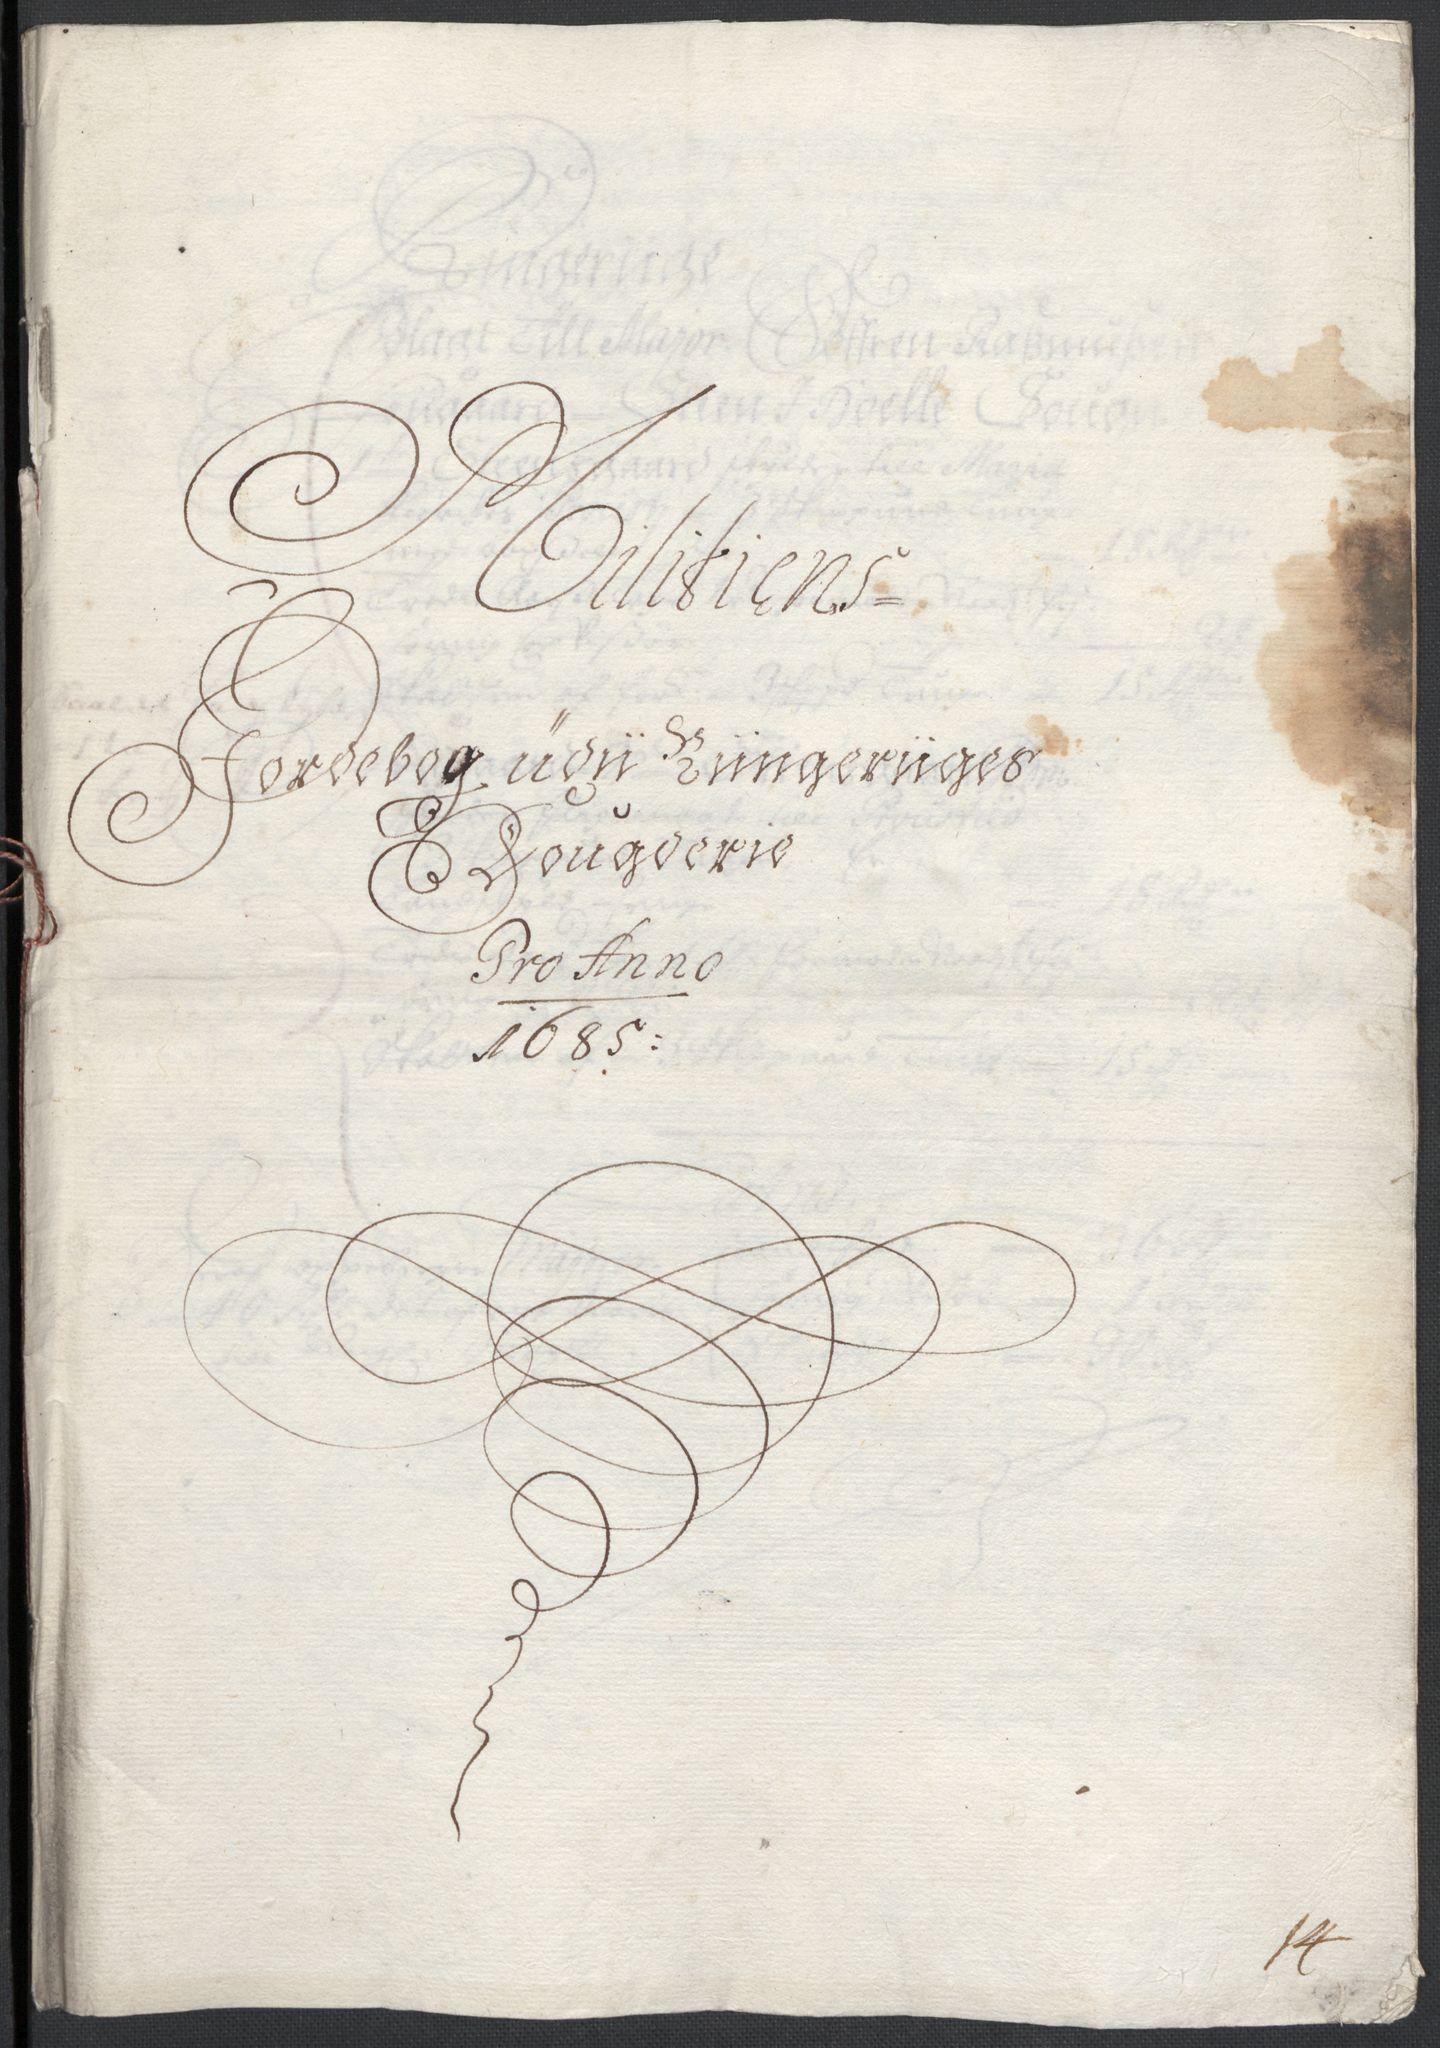 RA, Rentekammeret inntil 1814, Reviderte regnskaper, Fogderegnskap, R21/L1446: Fogderegnskap Ringerike og Hallingdal, 1683-1686, s. 398